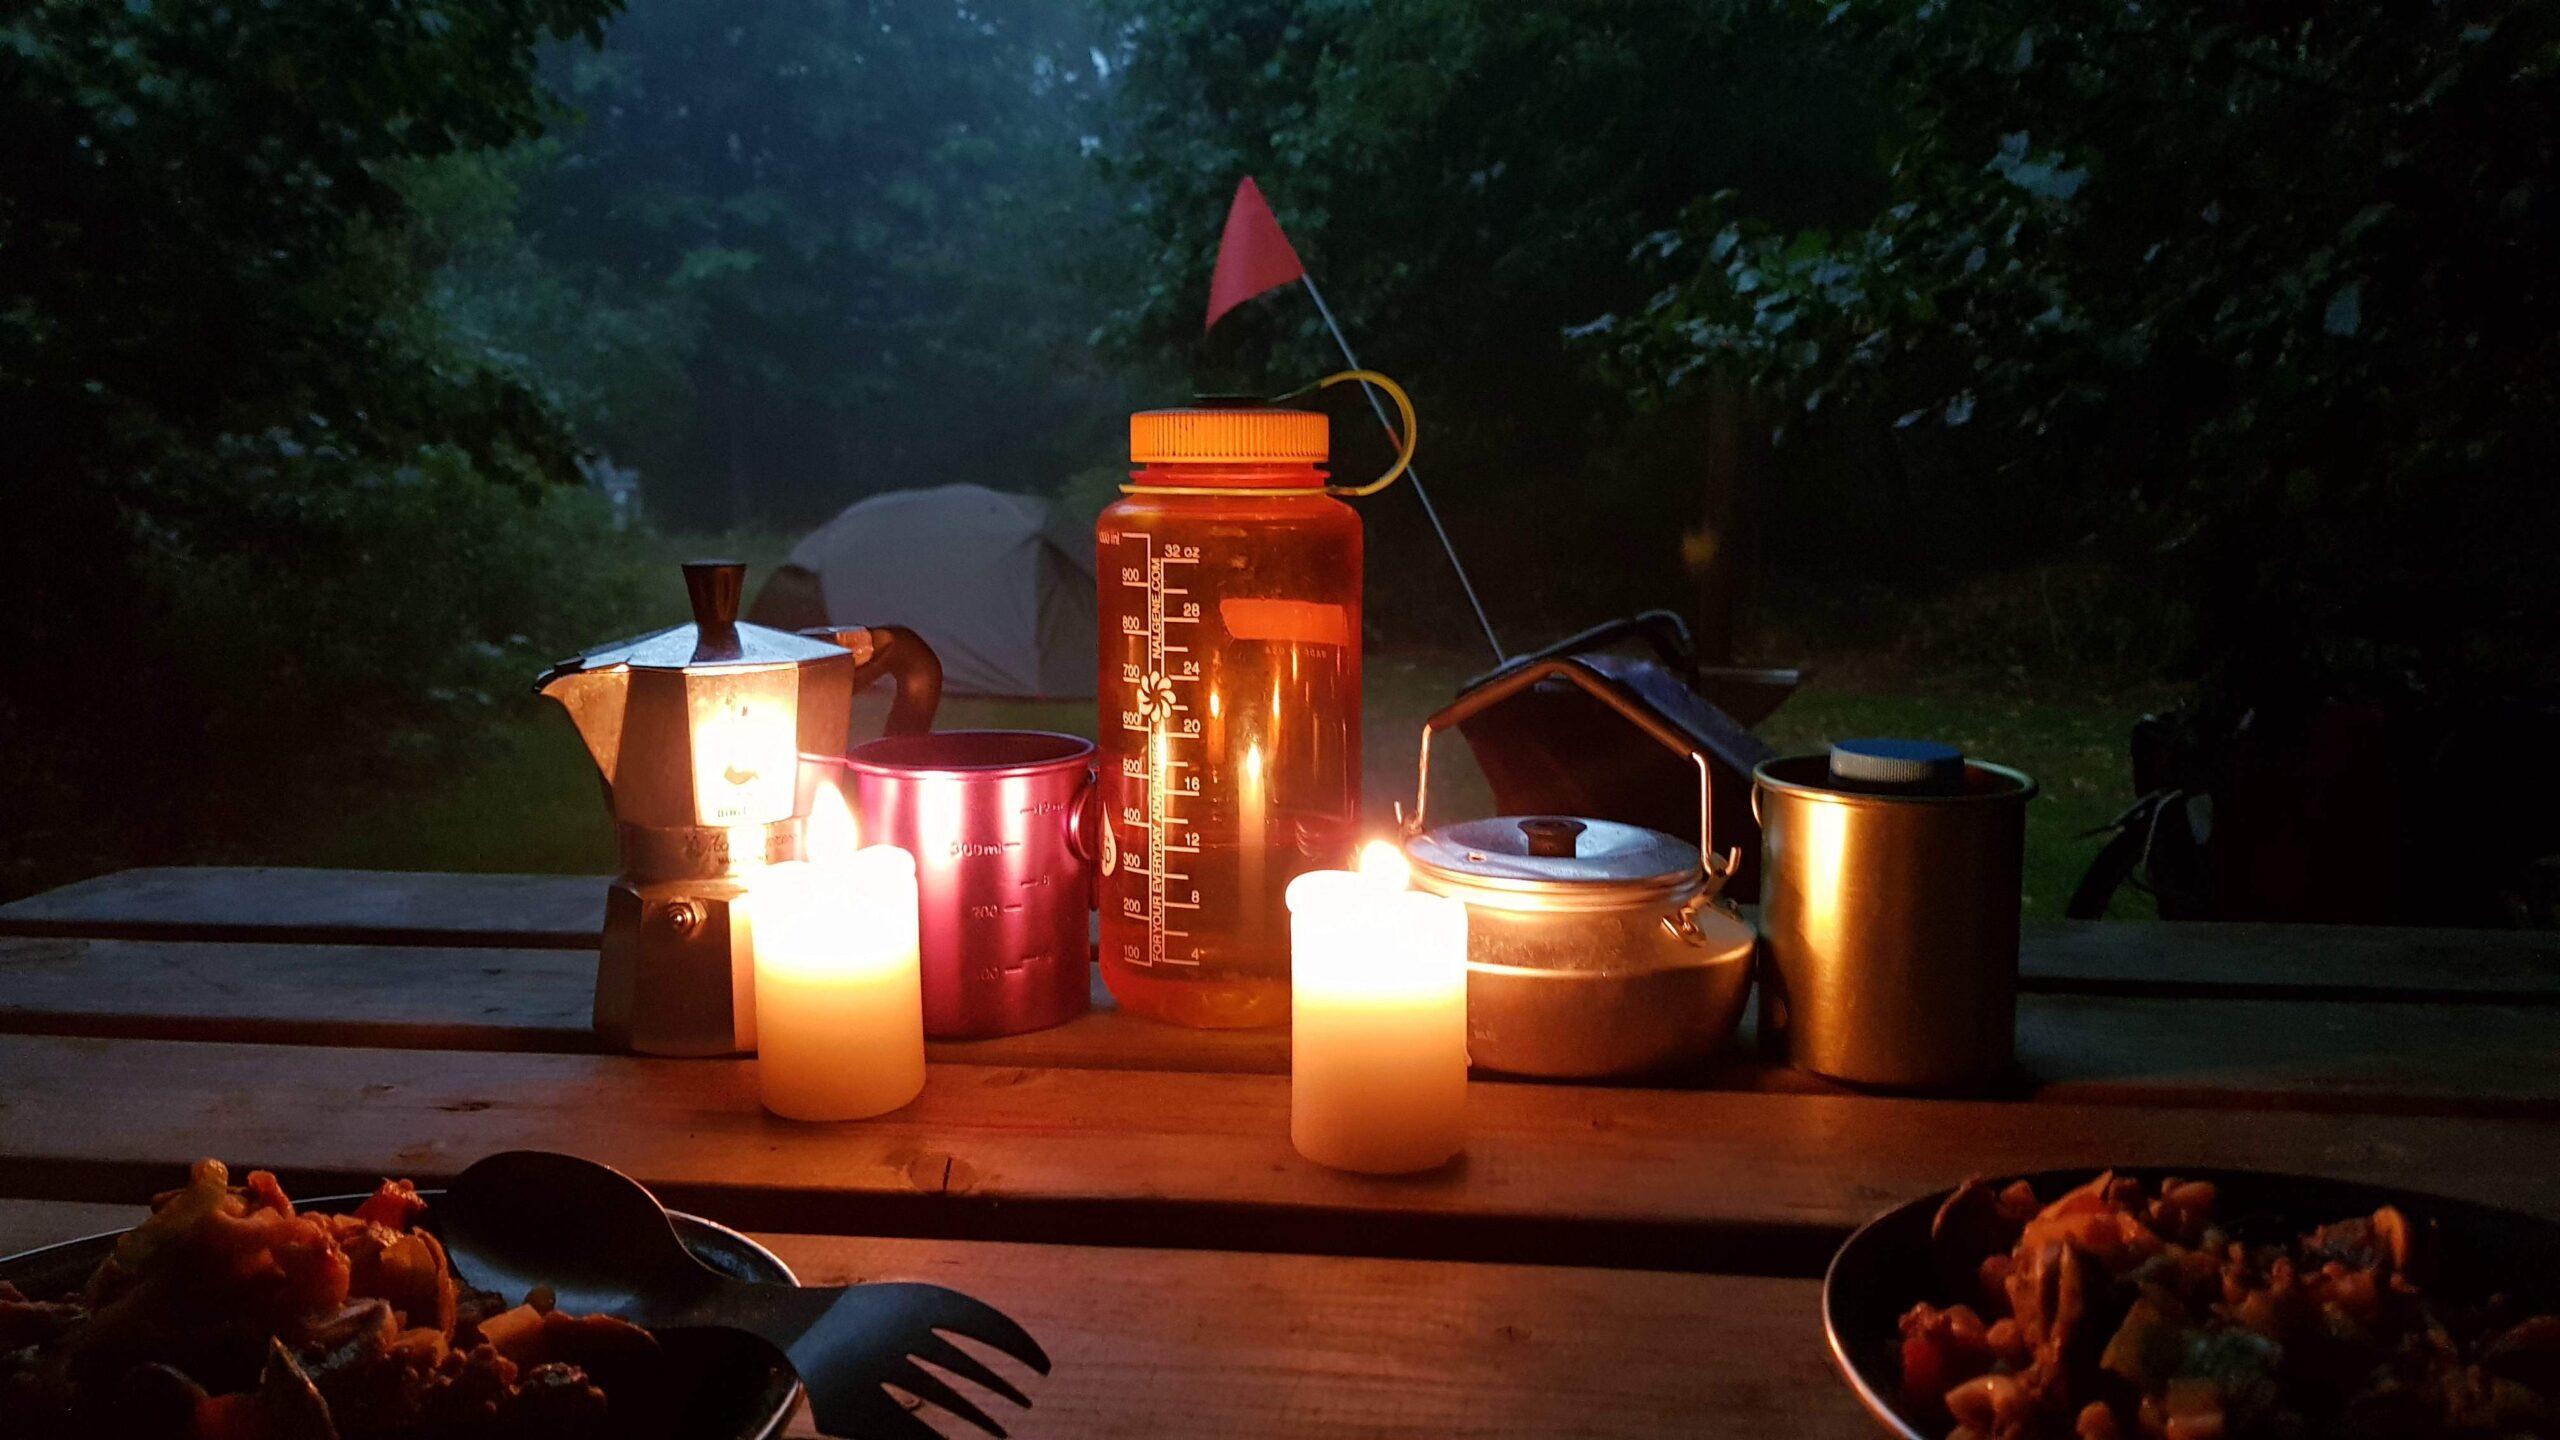 Rondje-Nederland-op-de-fiets-diner-bij-kaarslicht